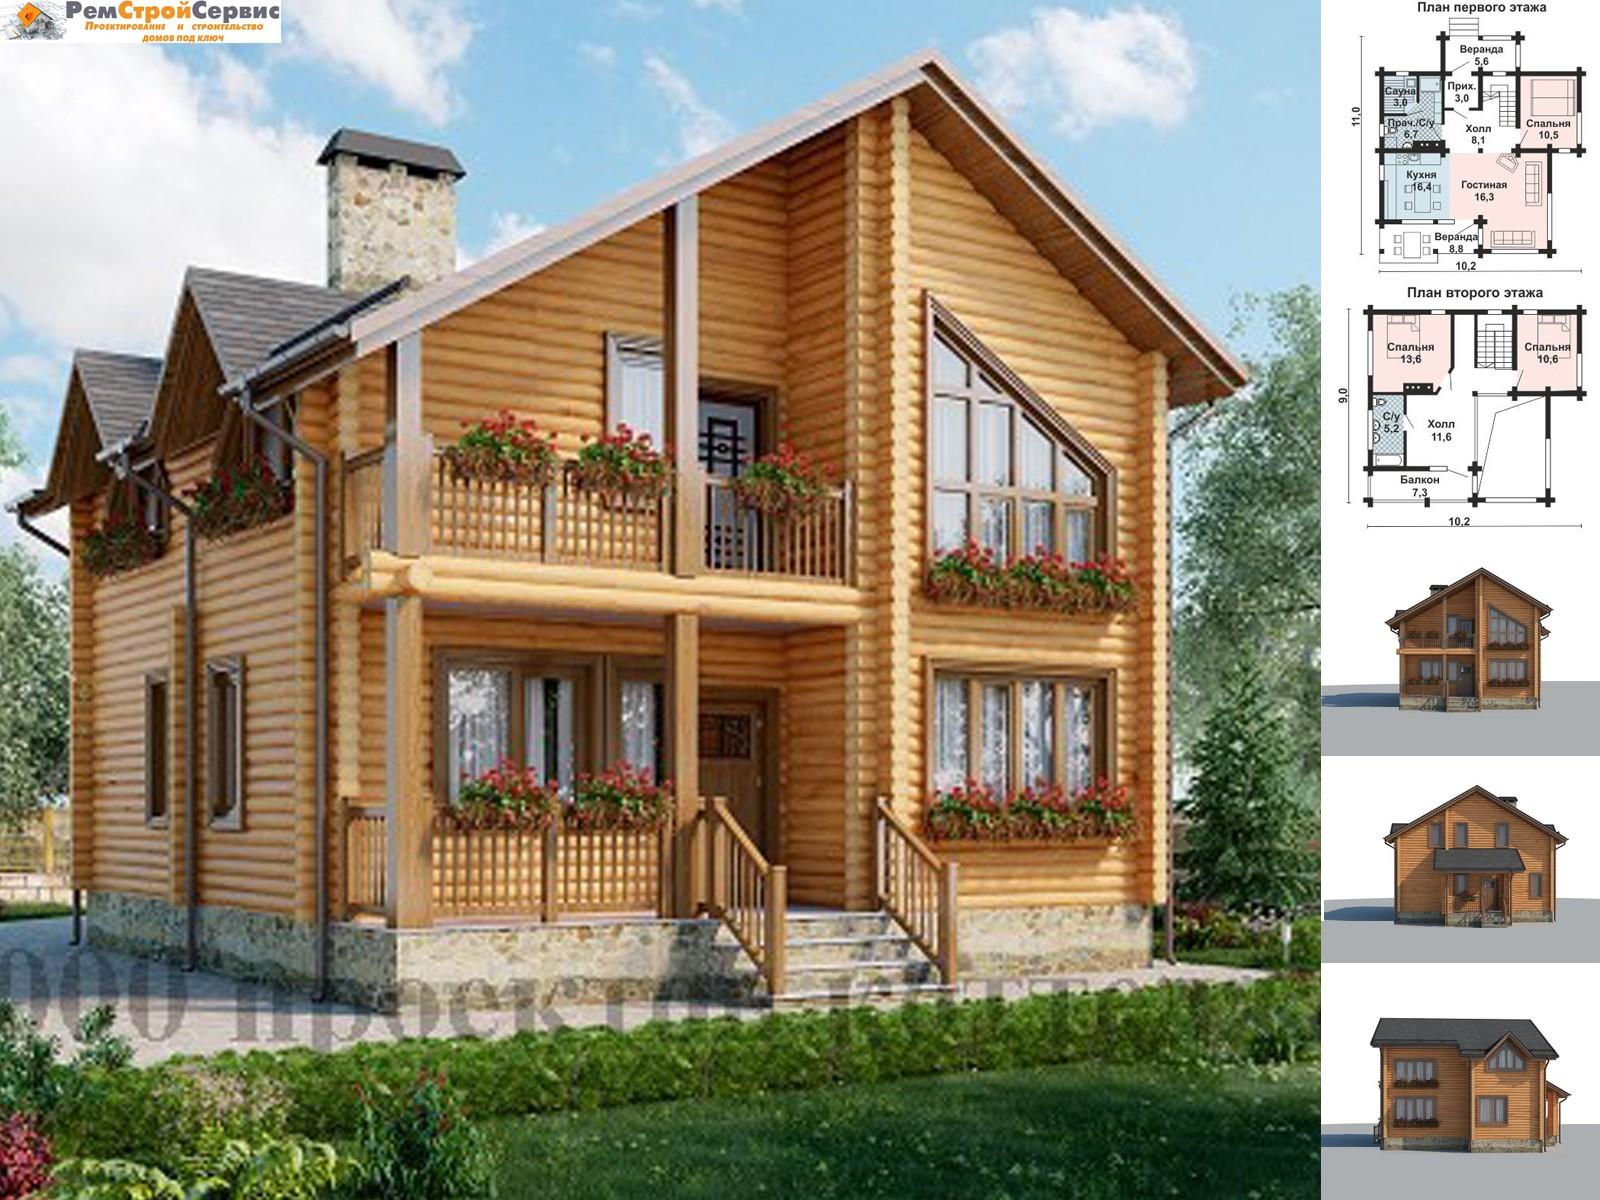 Проект дома as-2193 ремстройсервис.